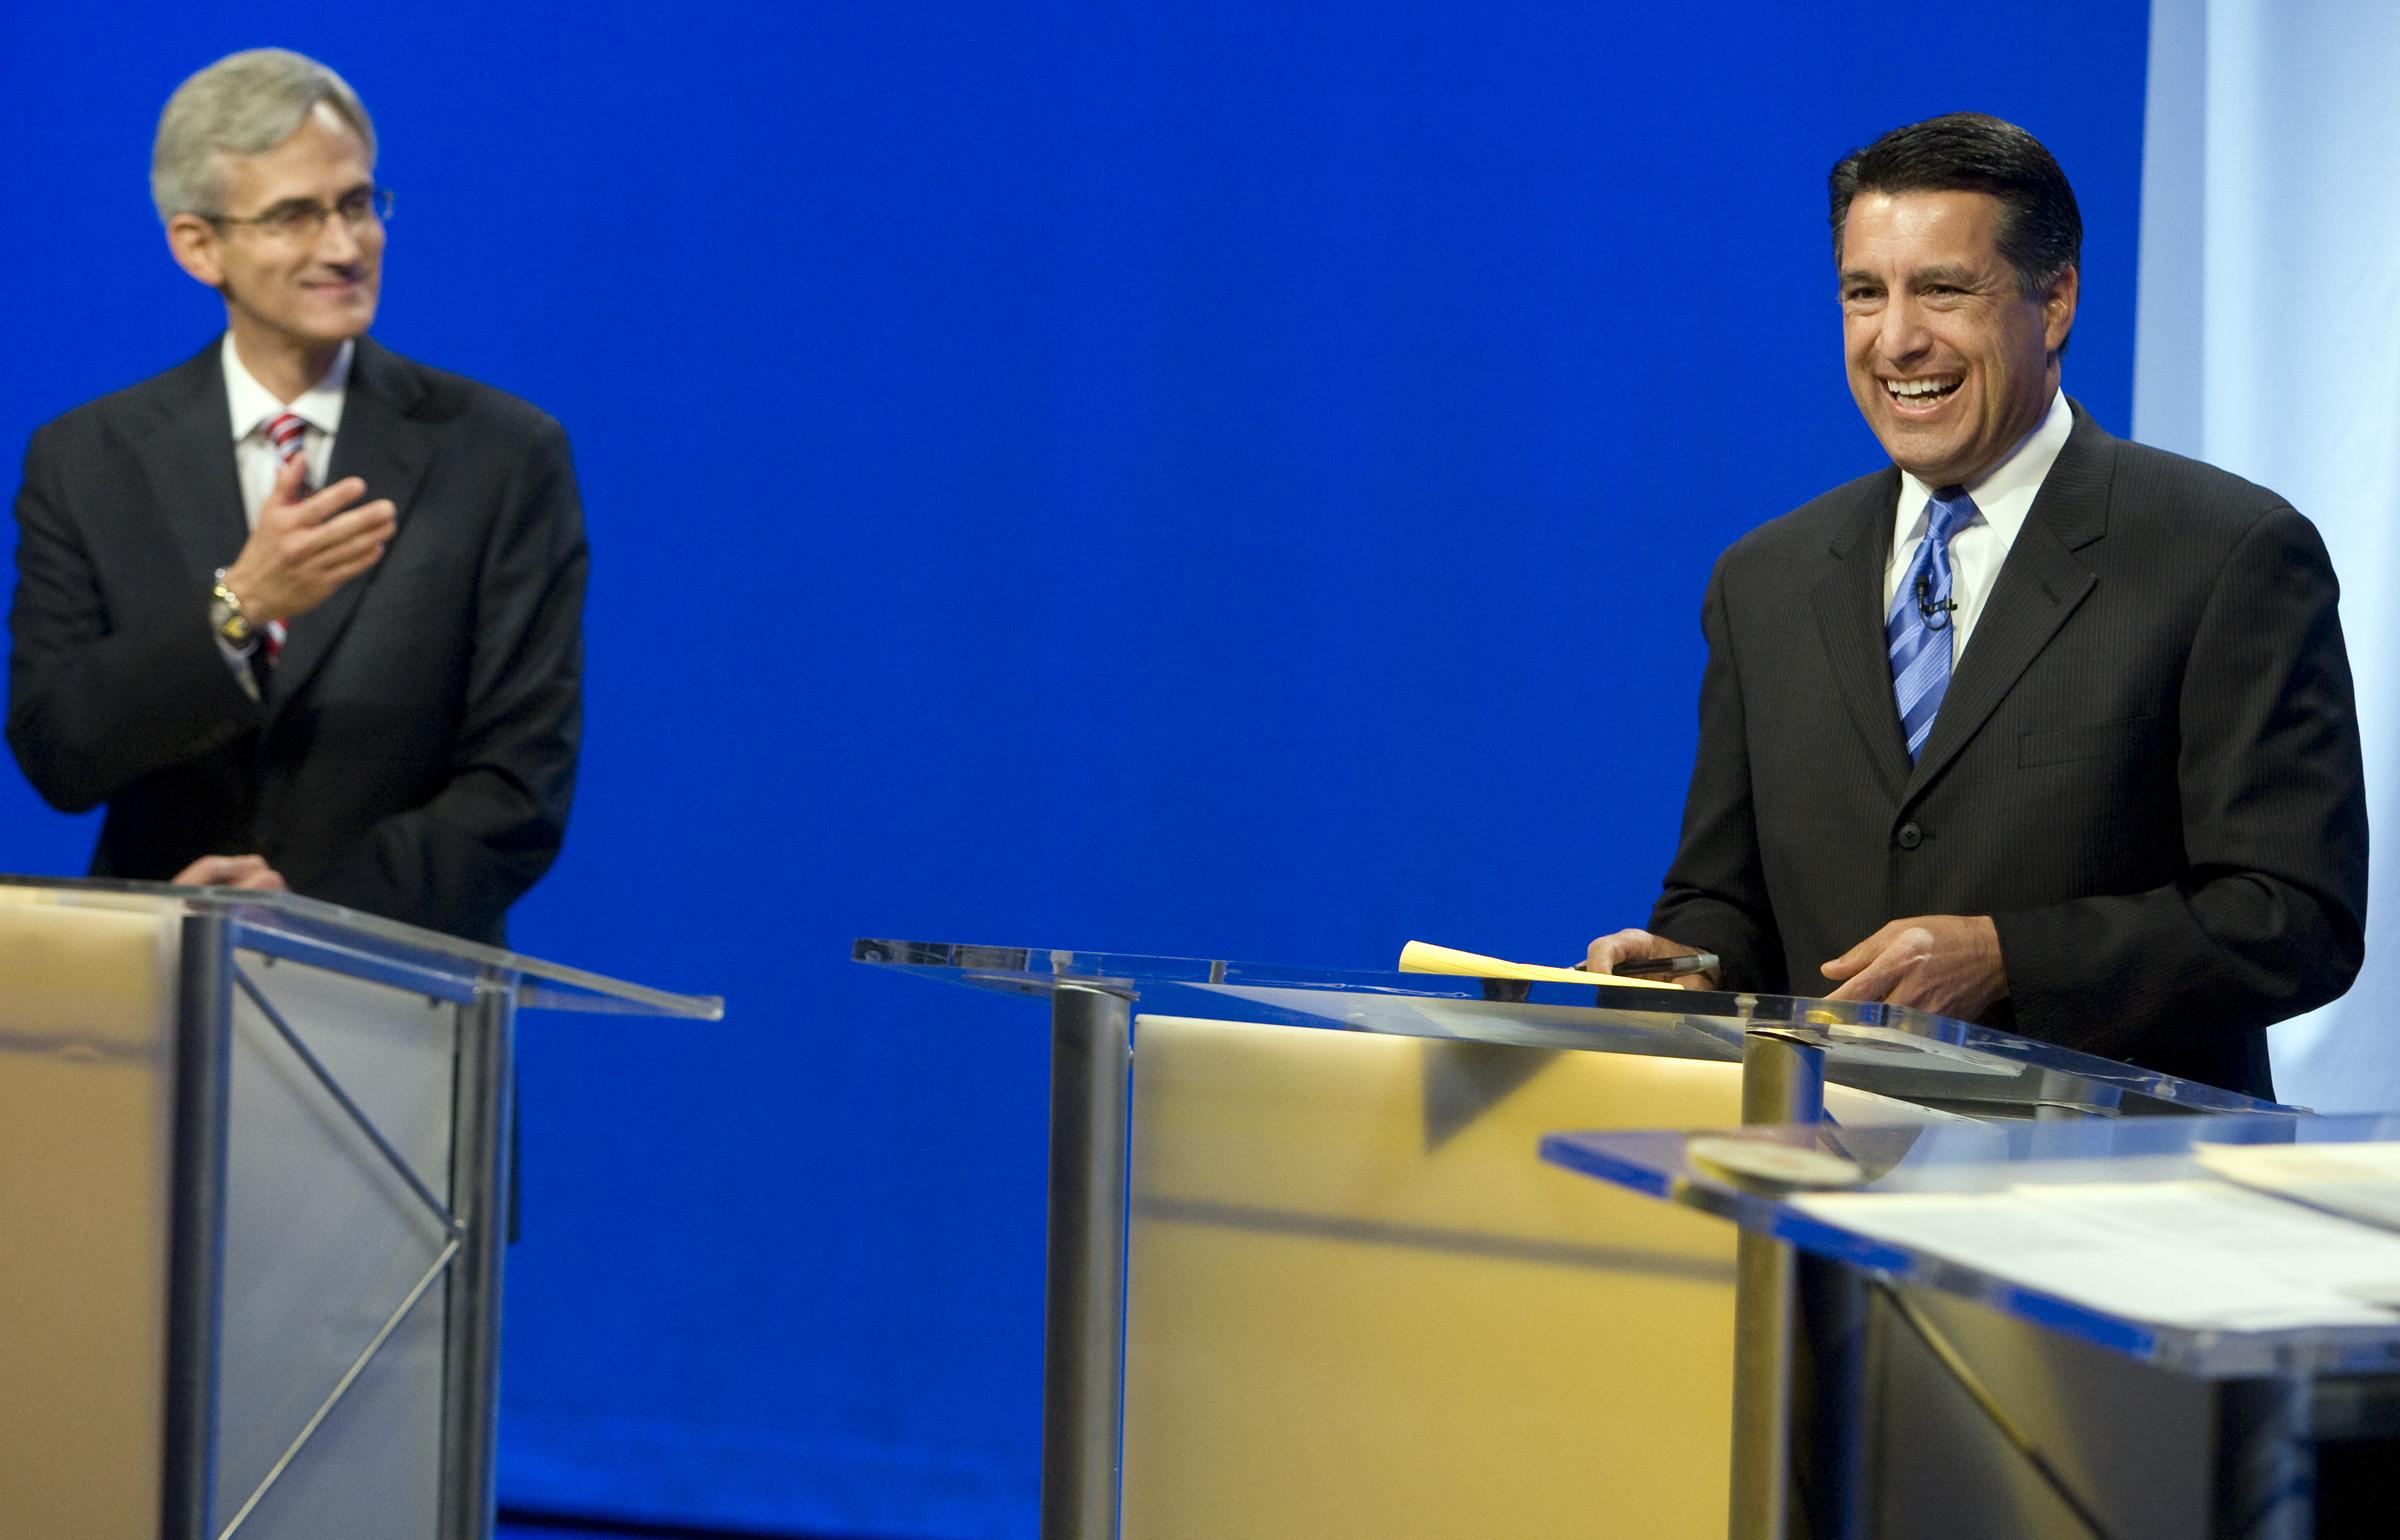 Reid Sandoval Debate 2 100710